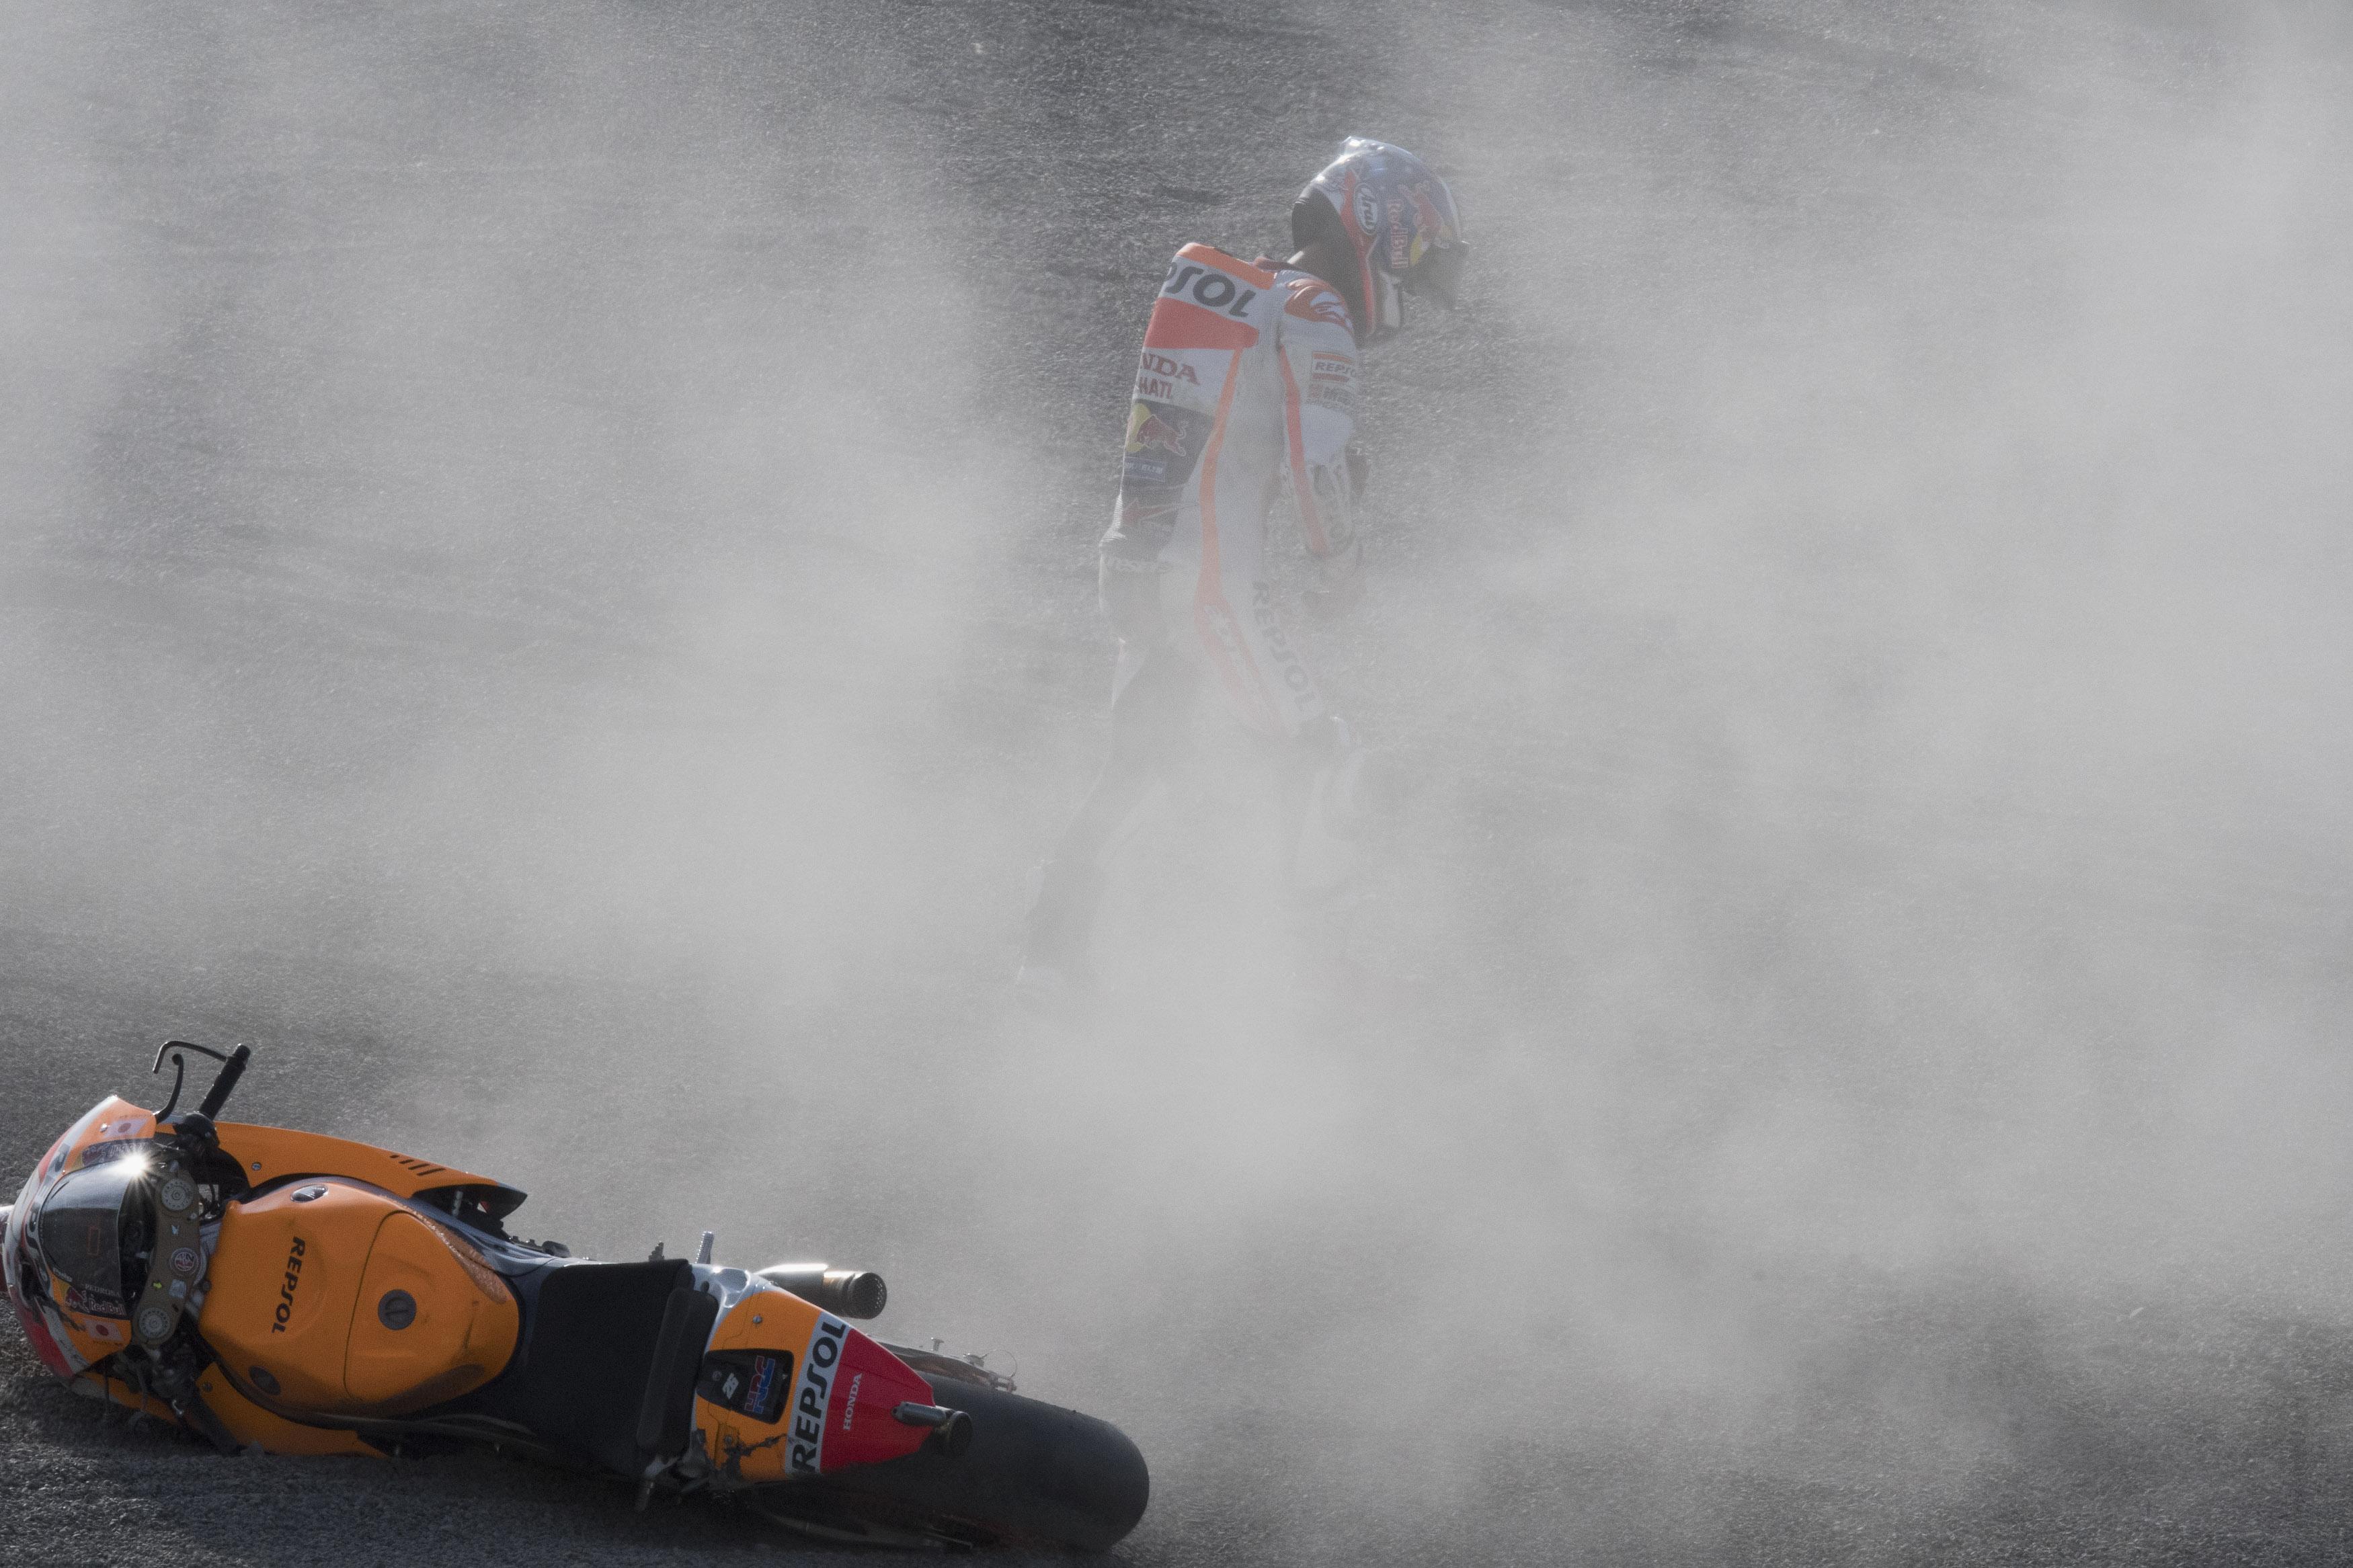 Dani Pedrosa, tras su caída en el circuito de Motegi (Japón).